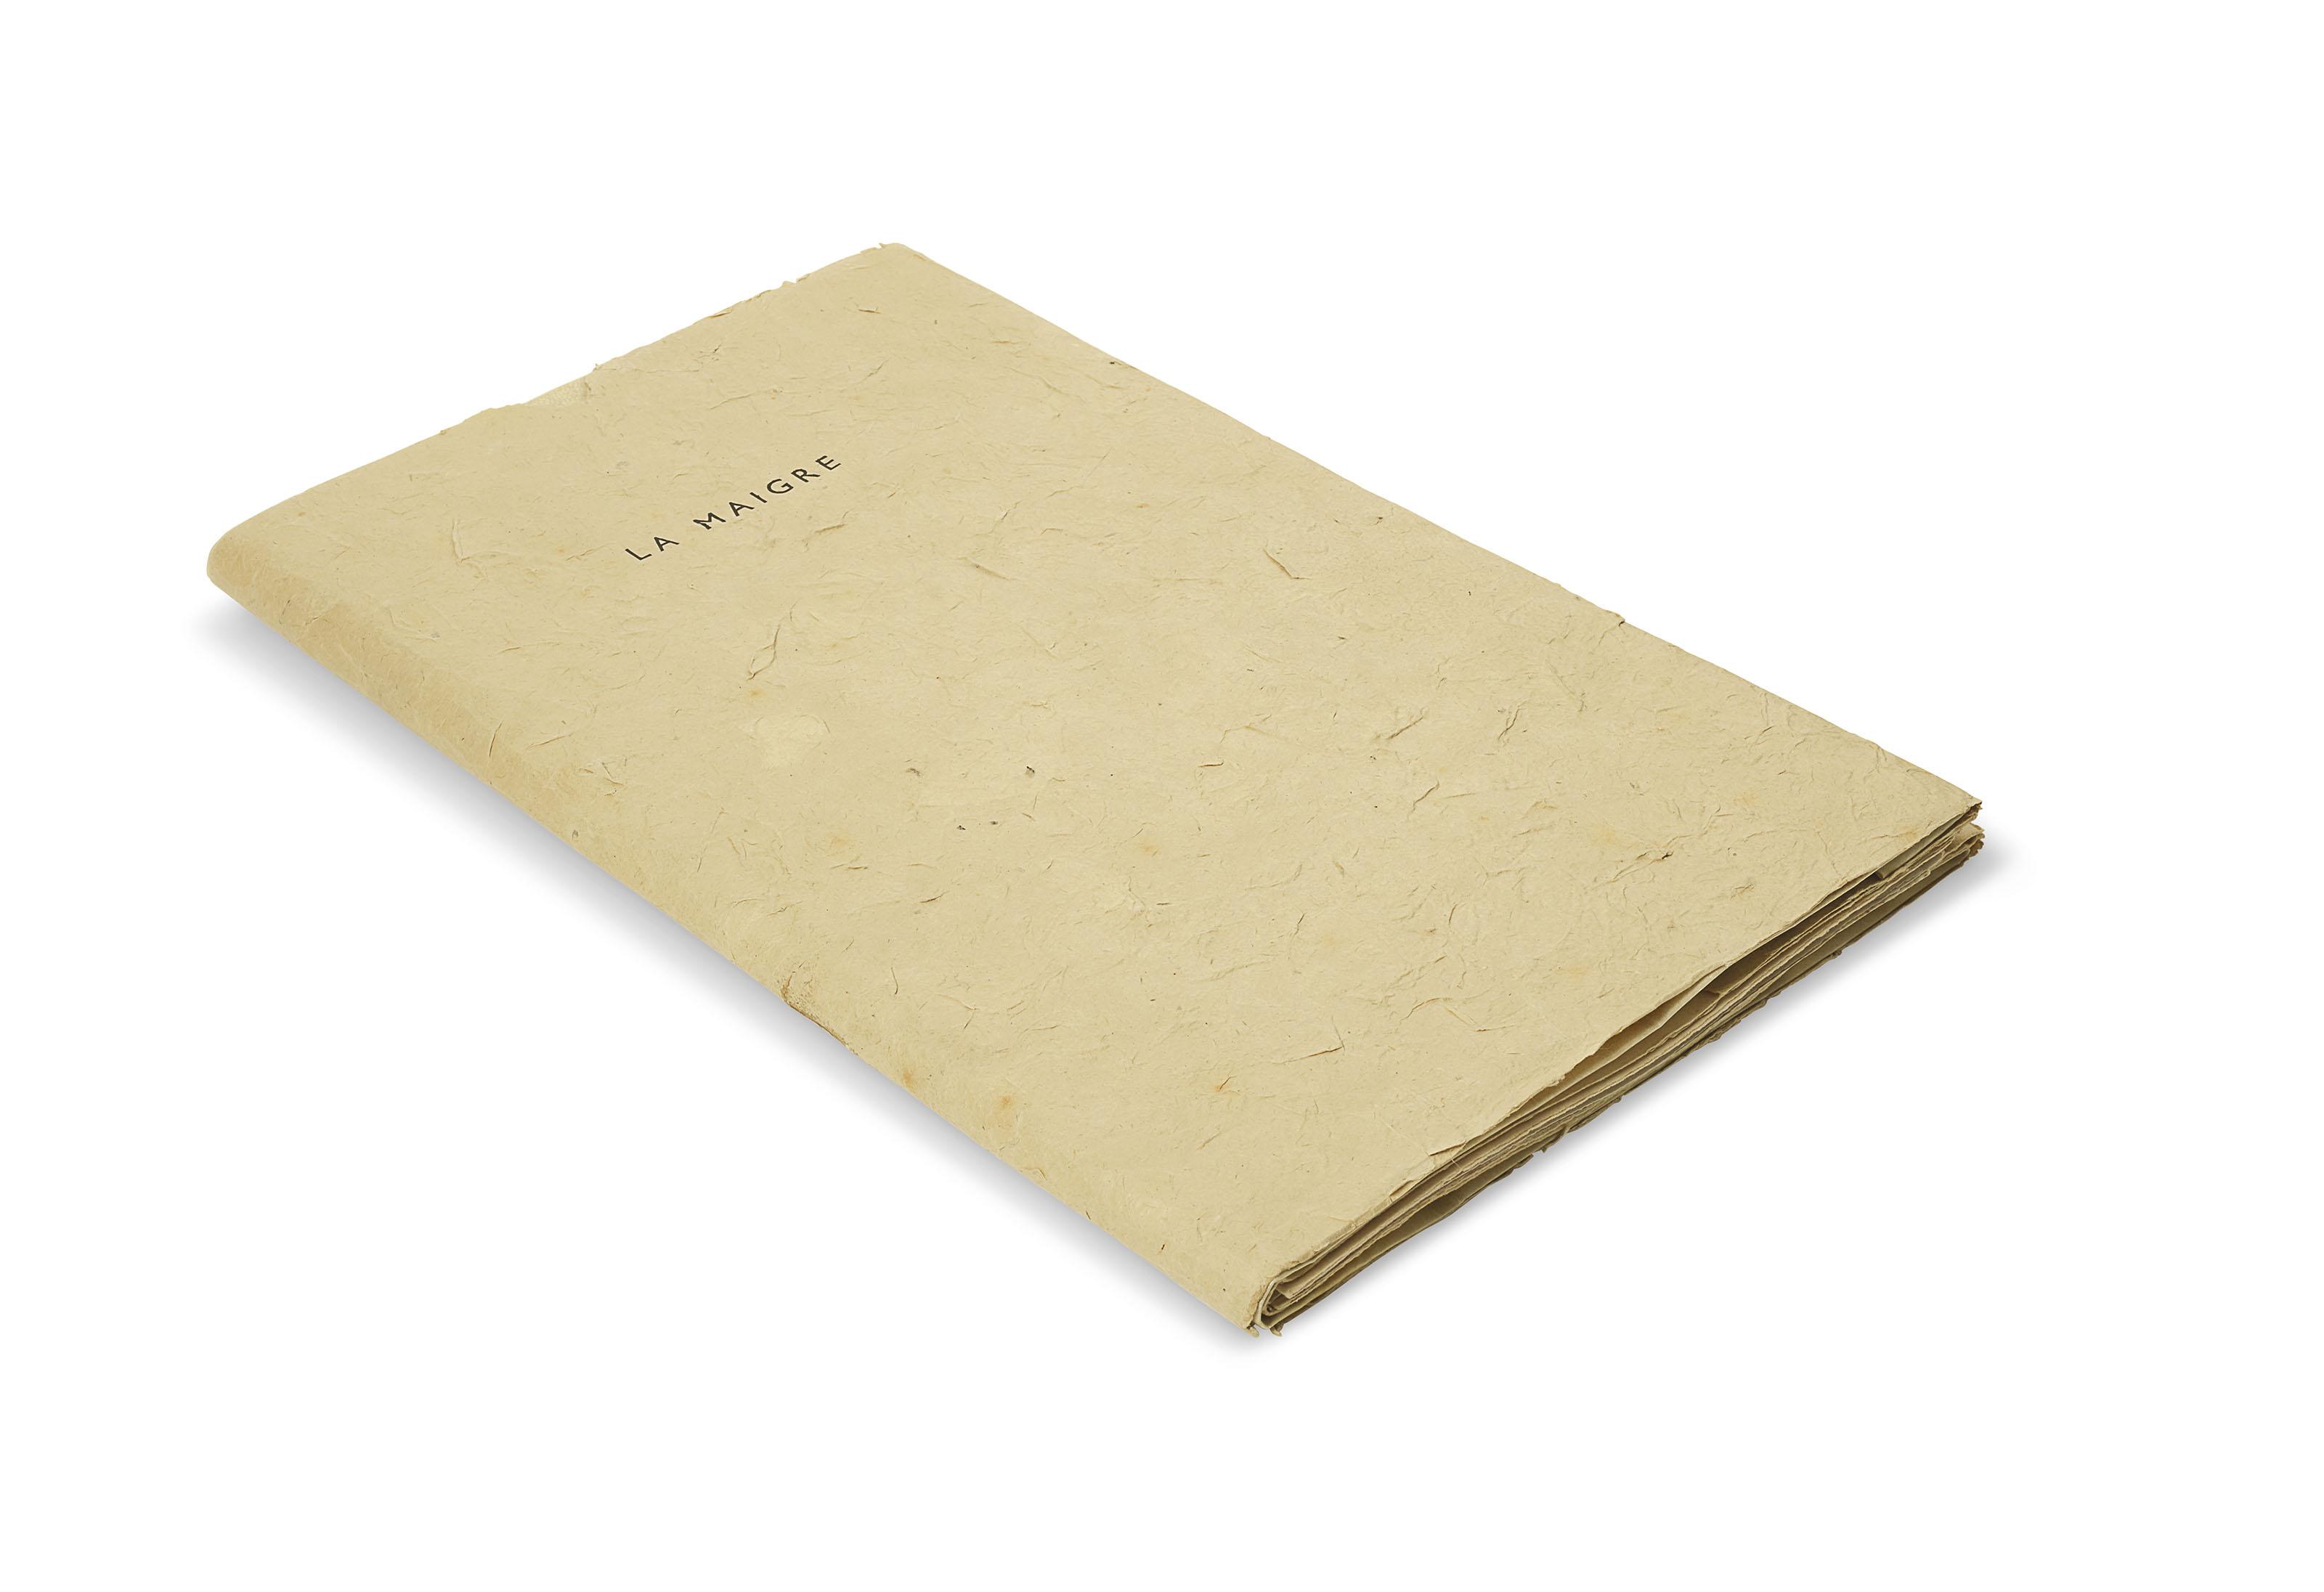 ILIAZD, Ilia Zdanevitch dit, Guillaume de VAUX, Adrian de Monluc dit, et Pablo PICASSO. La Maigre. [Paris], Le Degré quarante et un, [1952]